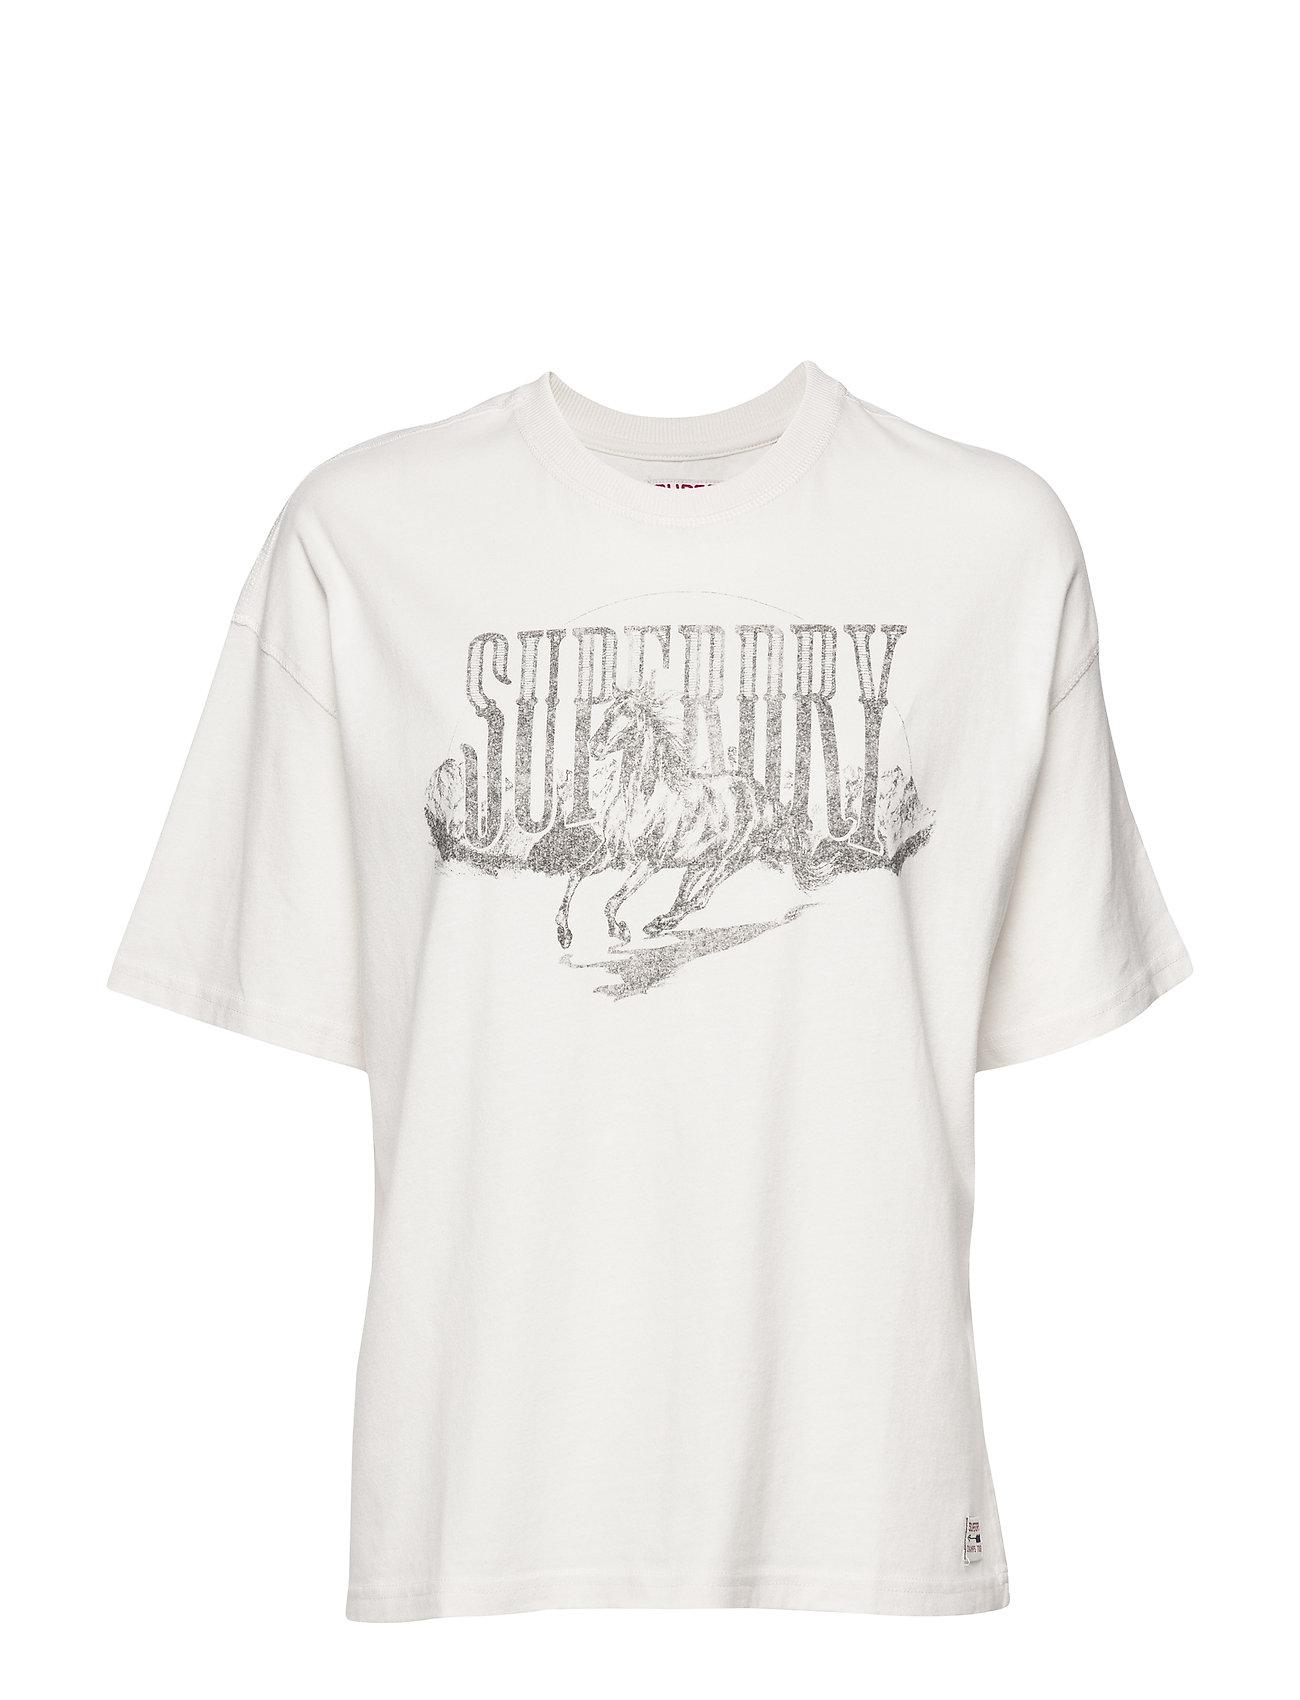 Superdry BOYFRIEND BAND GRAPHIC TEE - SOFT WHITE